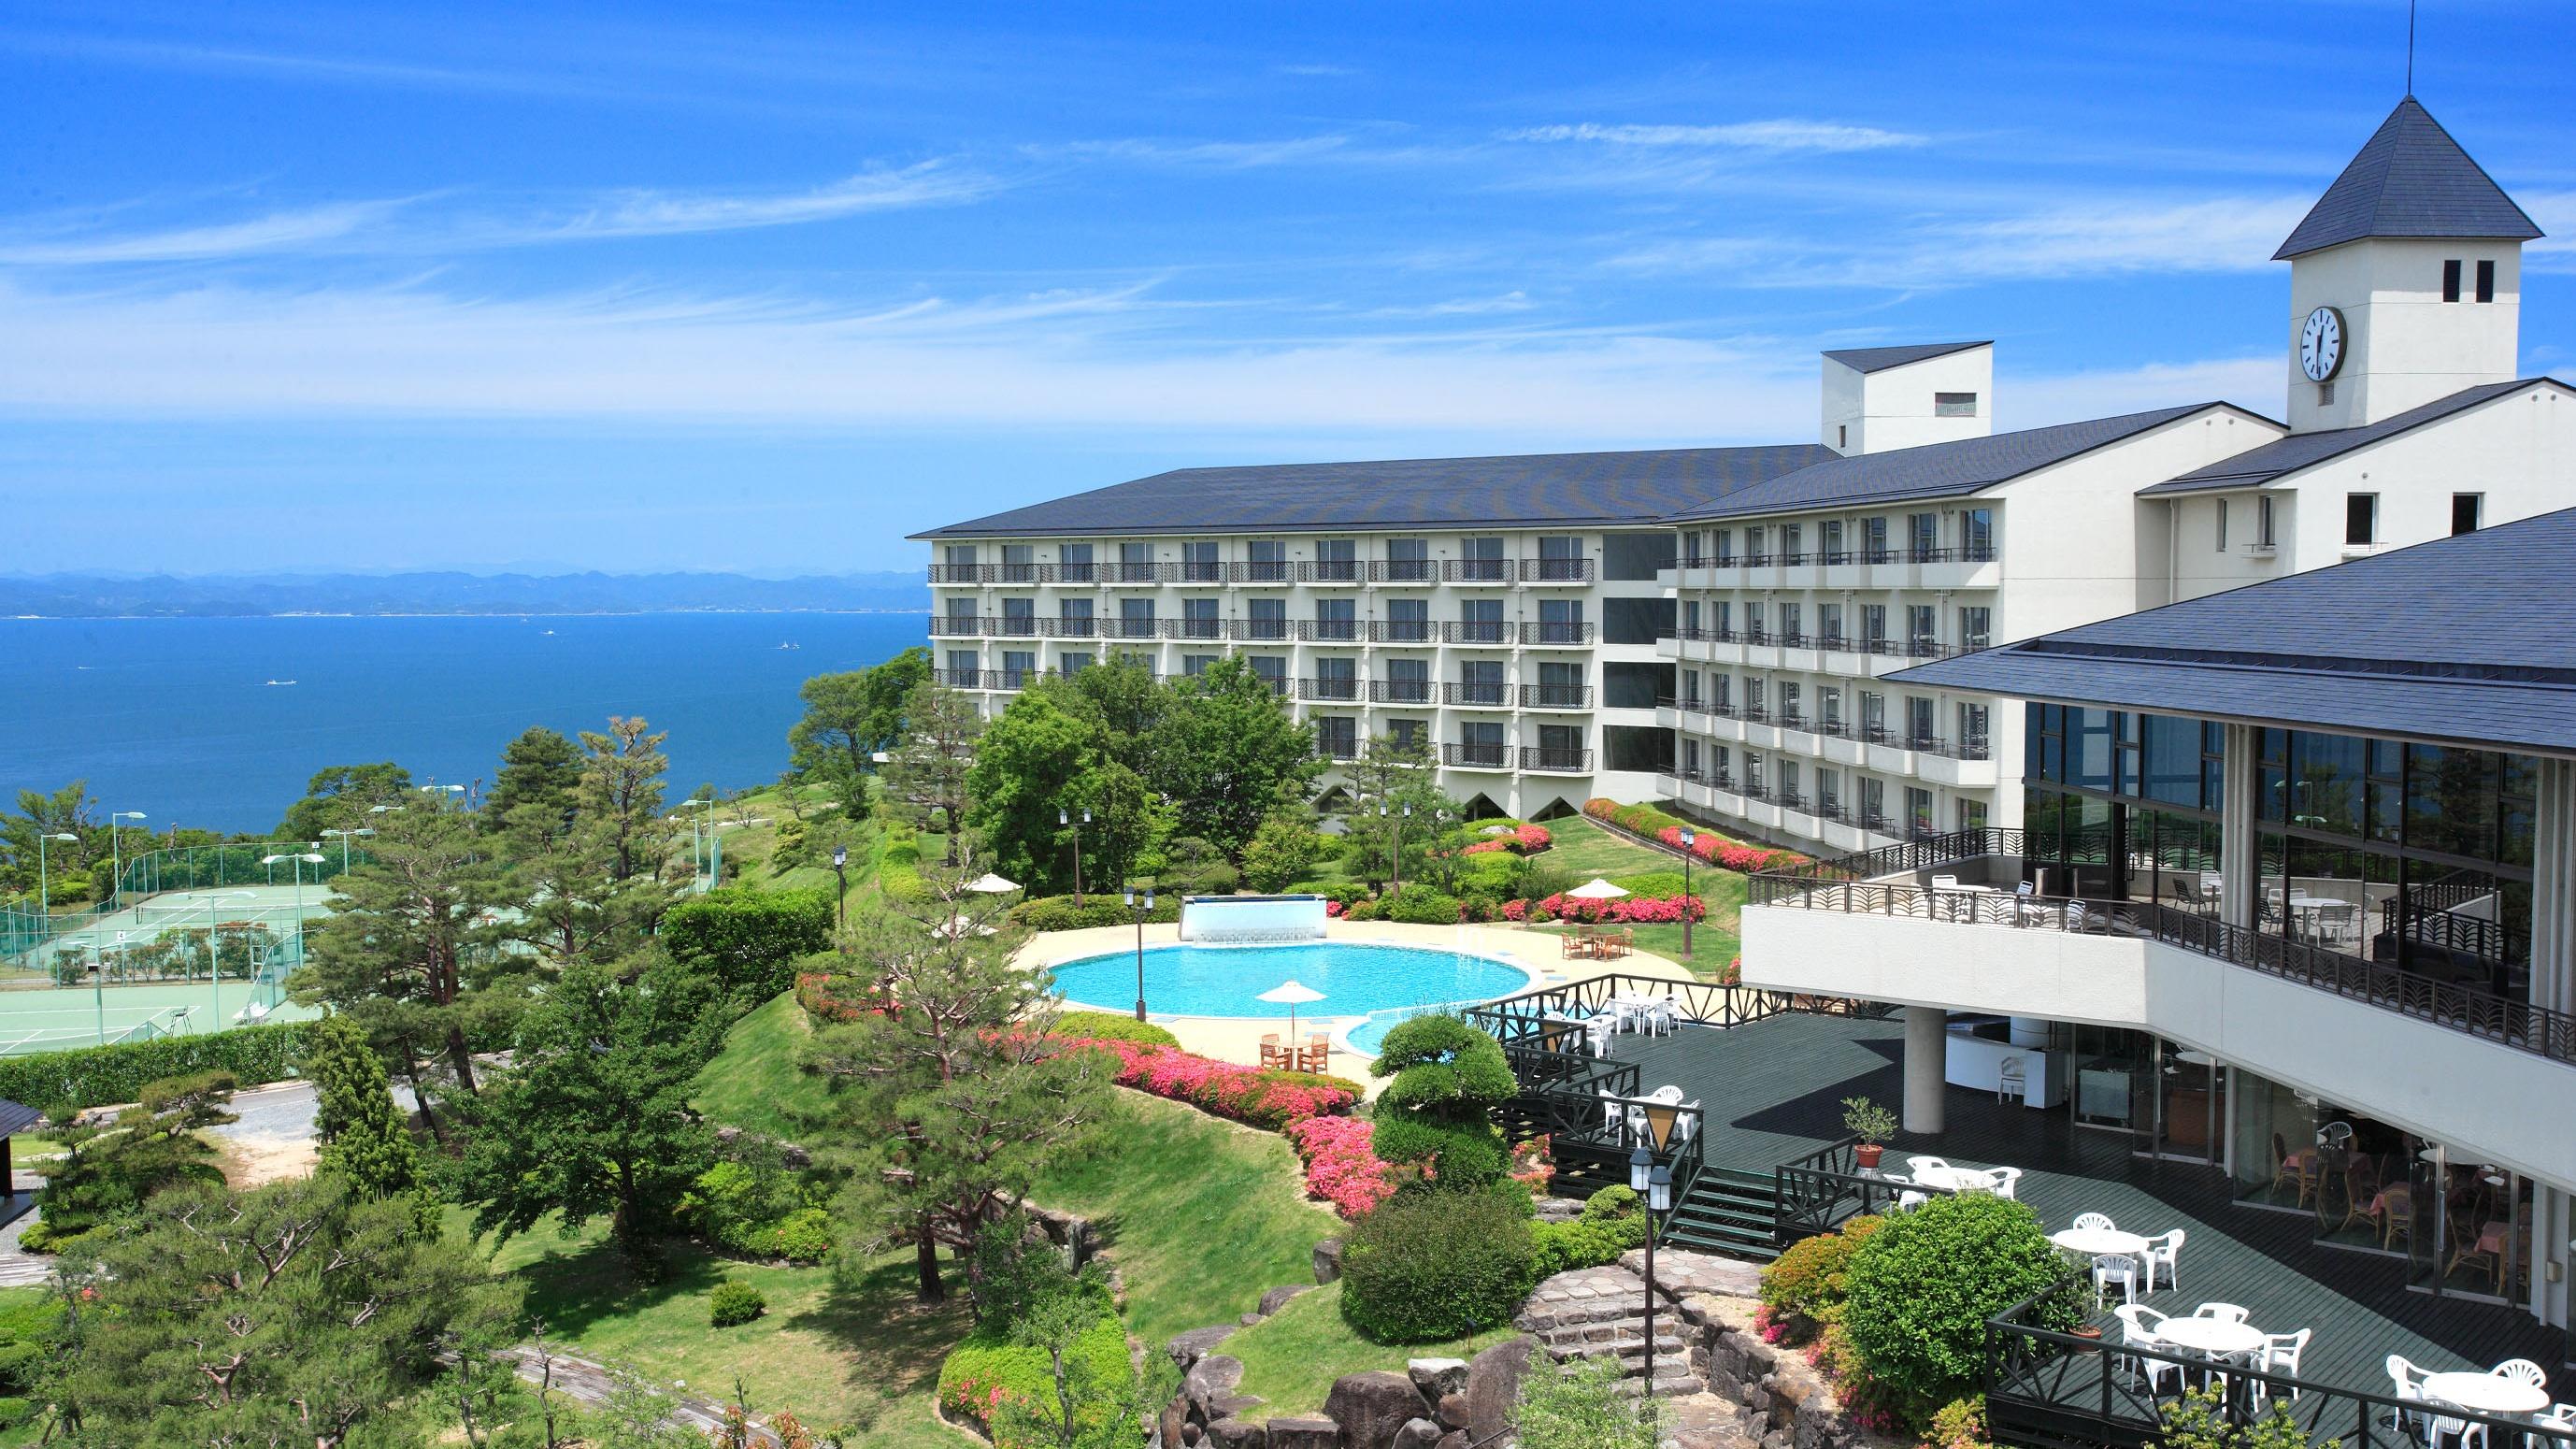 小豆島温泉 オリビアン小豆島 夕陽ヶ丘ホテル <小豆島>(旧:リゾートホテルオリビアン小豆島) image